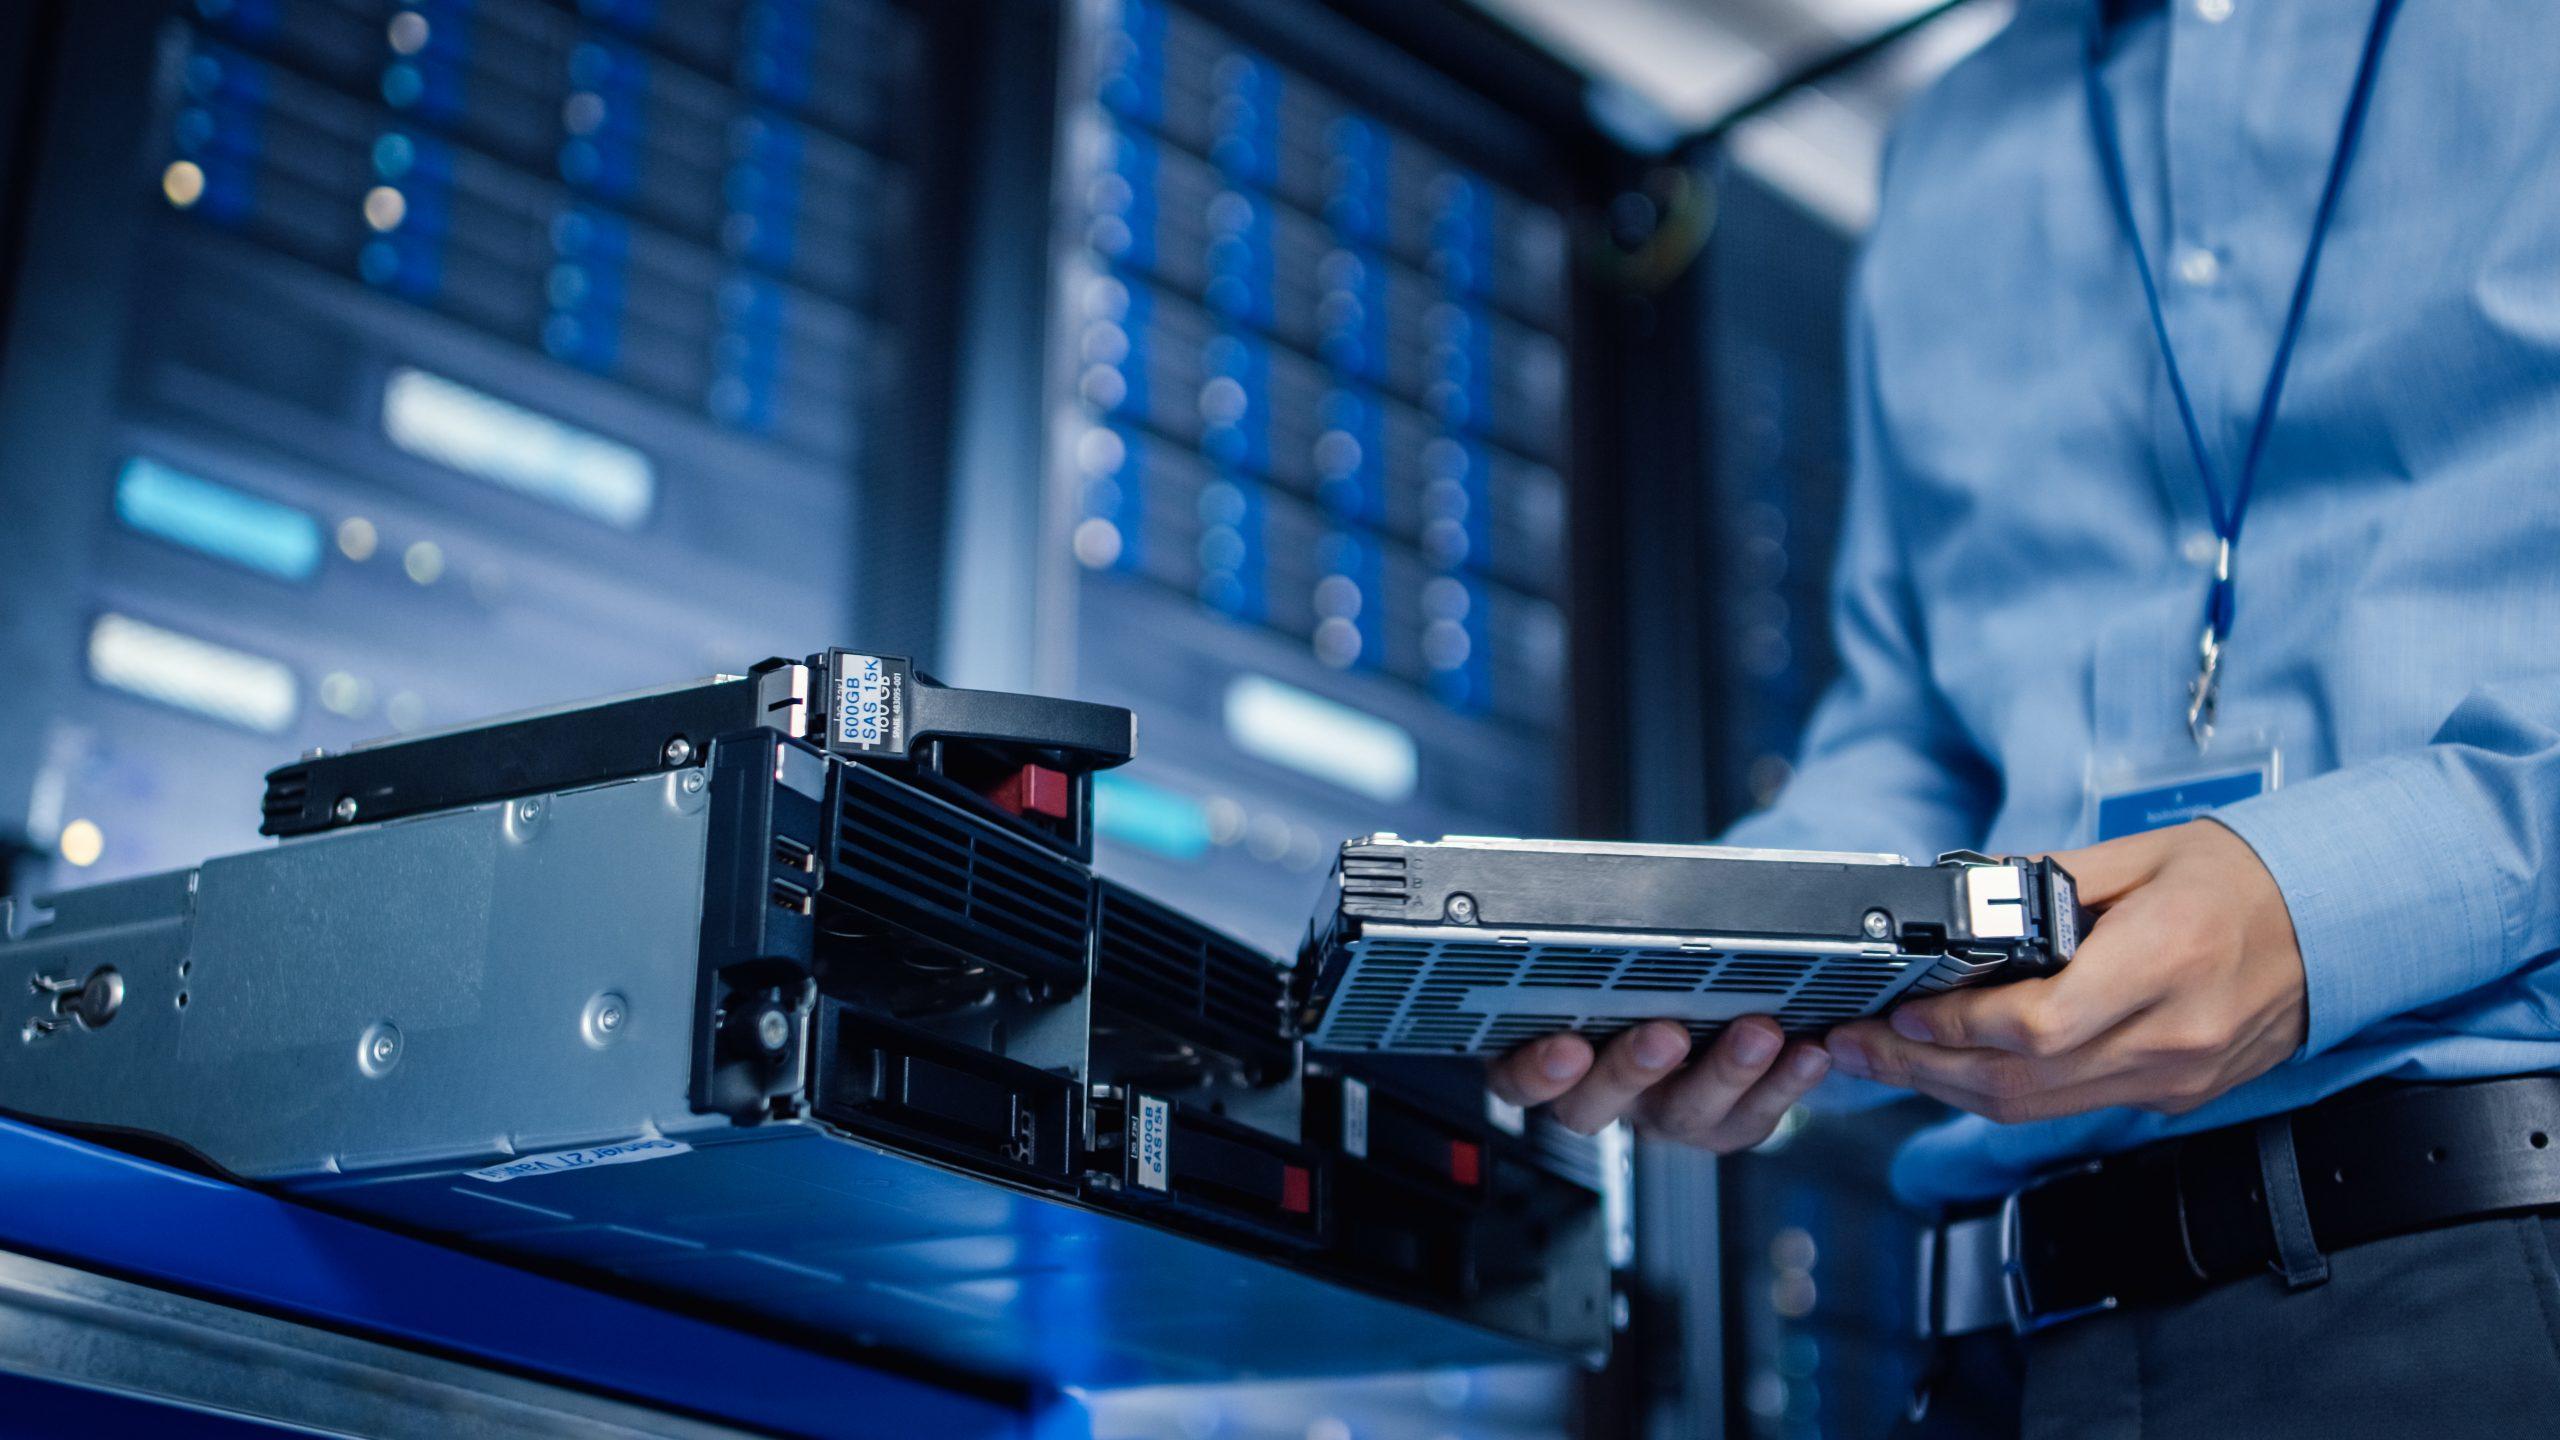 Як захистити свої дані: дата-центр Київстар, автор Київстар | Kyivstar Business Hub, зображення №1